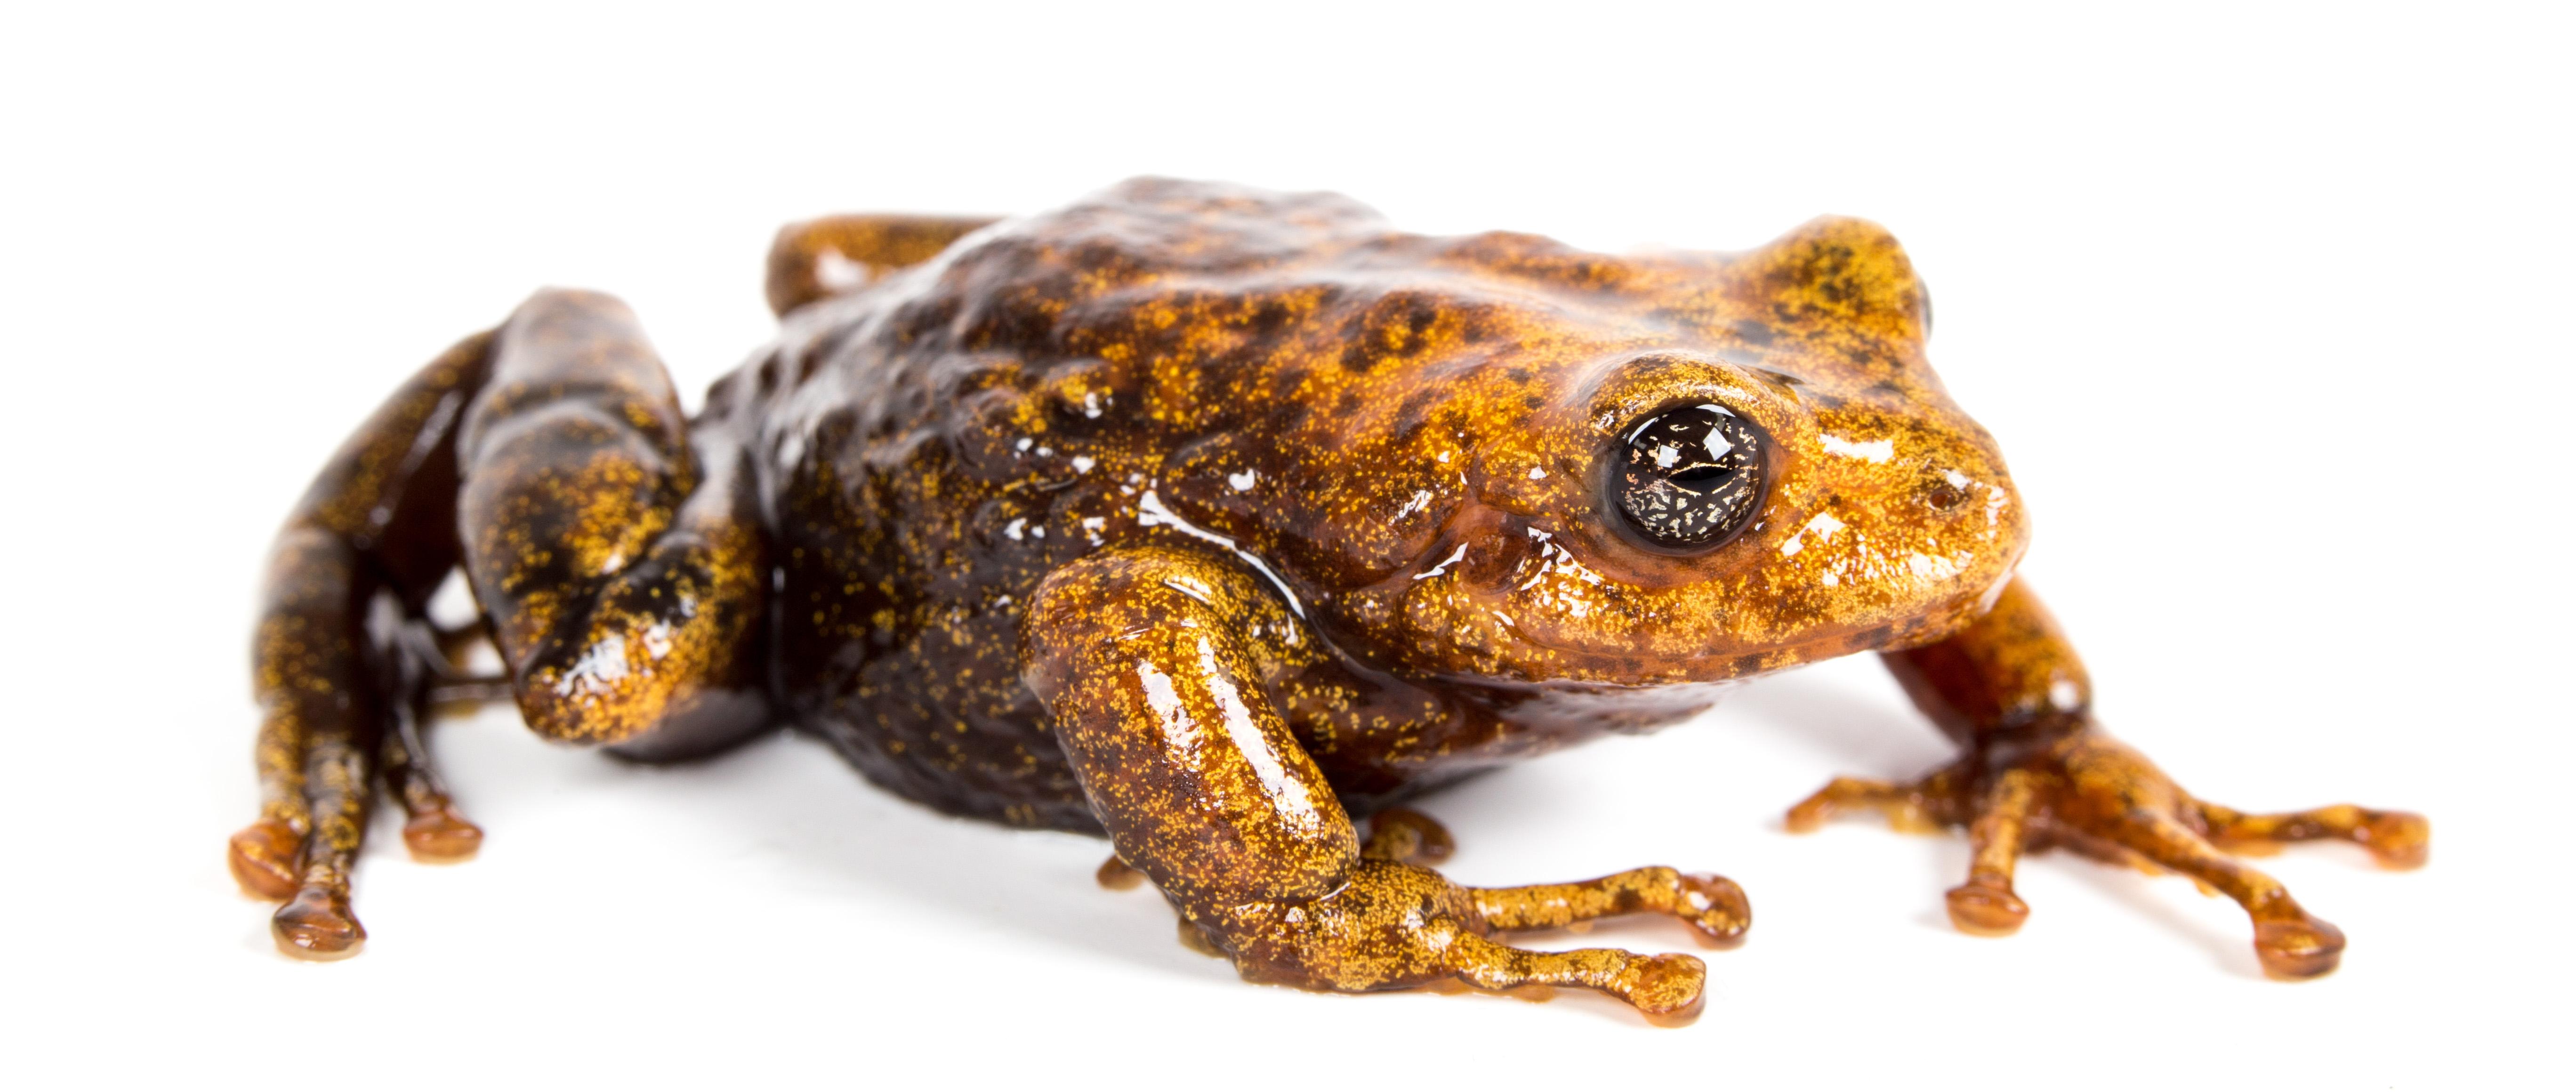 Nuevas ranas en Ecuador. P. chomskyi. Cortesía Santiago Ron y Nadia Páez.